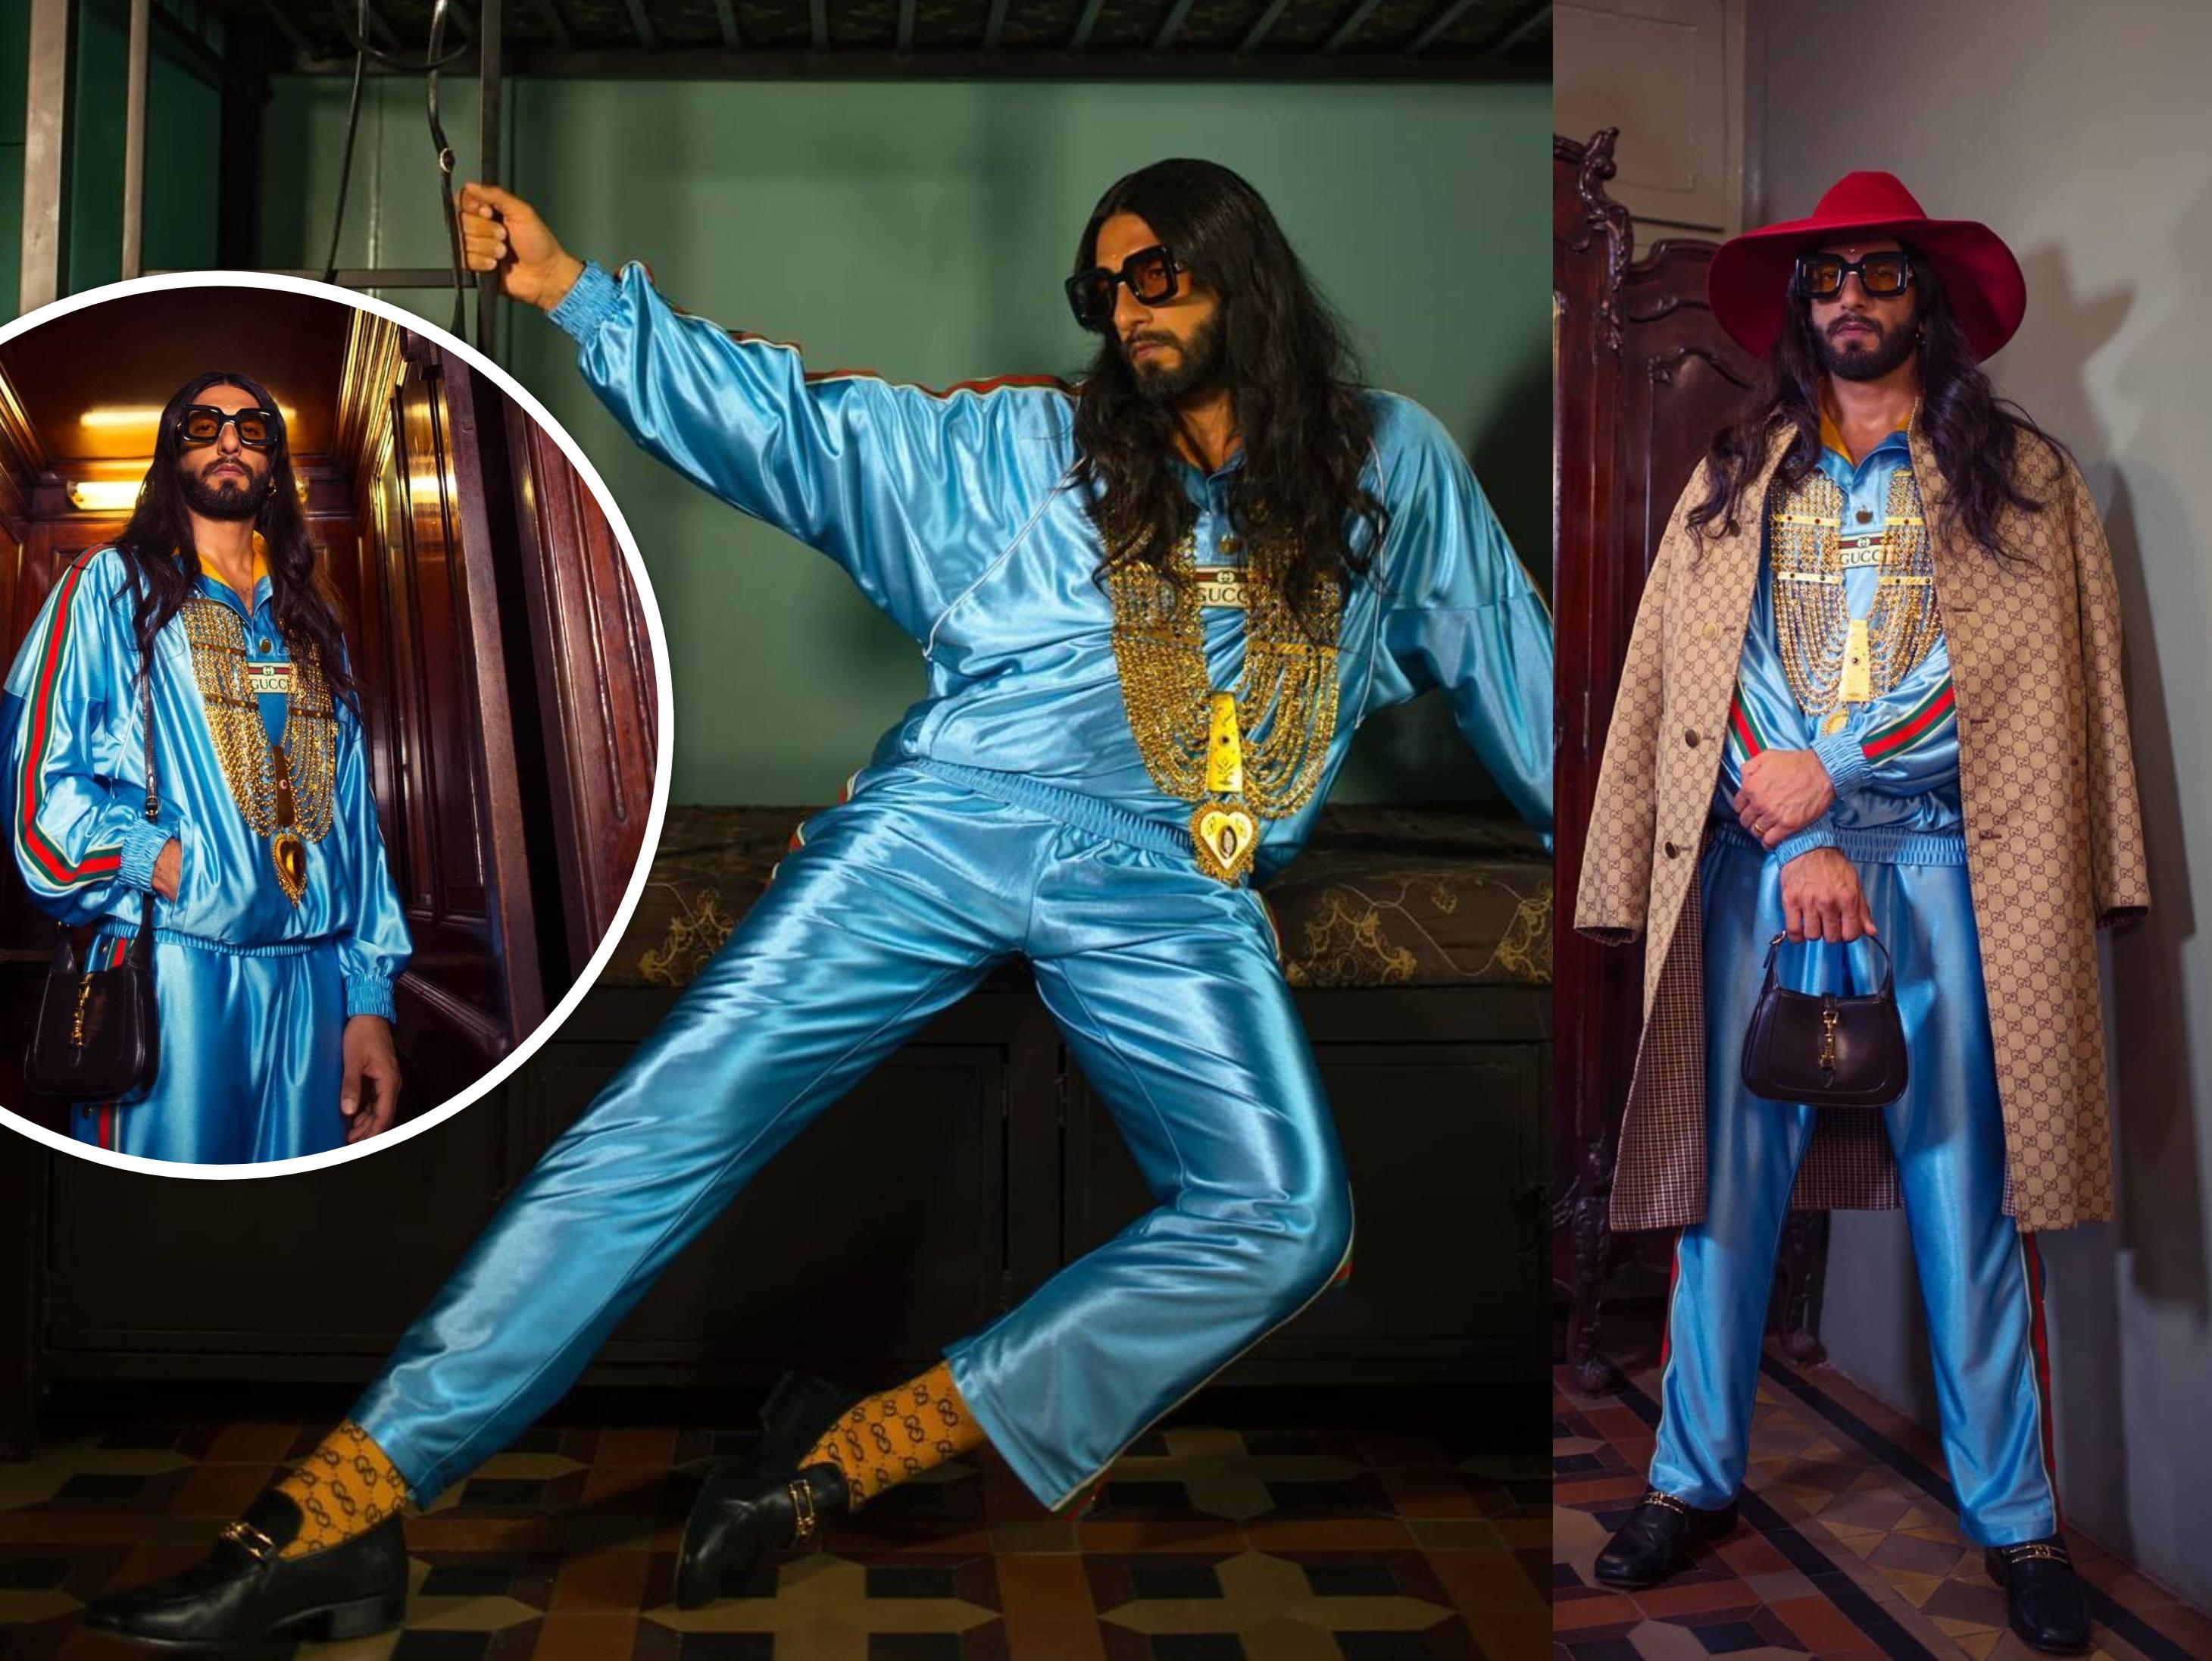 Ranveer Singh's Gucci-special look photos and users celebrate meme fest on social media said him as baba ranveer das | लम्बे बाल और सोने का हार पहने दिखे रणवीर सिंह, यूज़र्स बोले-बाबा रणवीरदास कतई तीतर लग रहा है